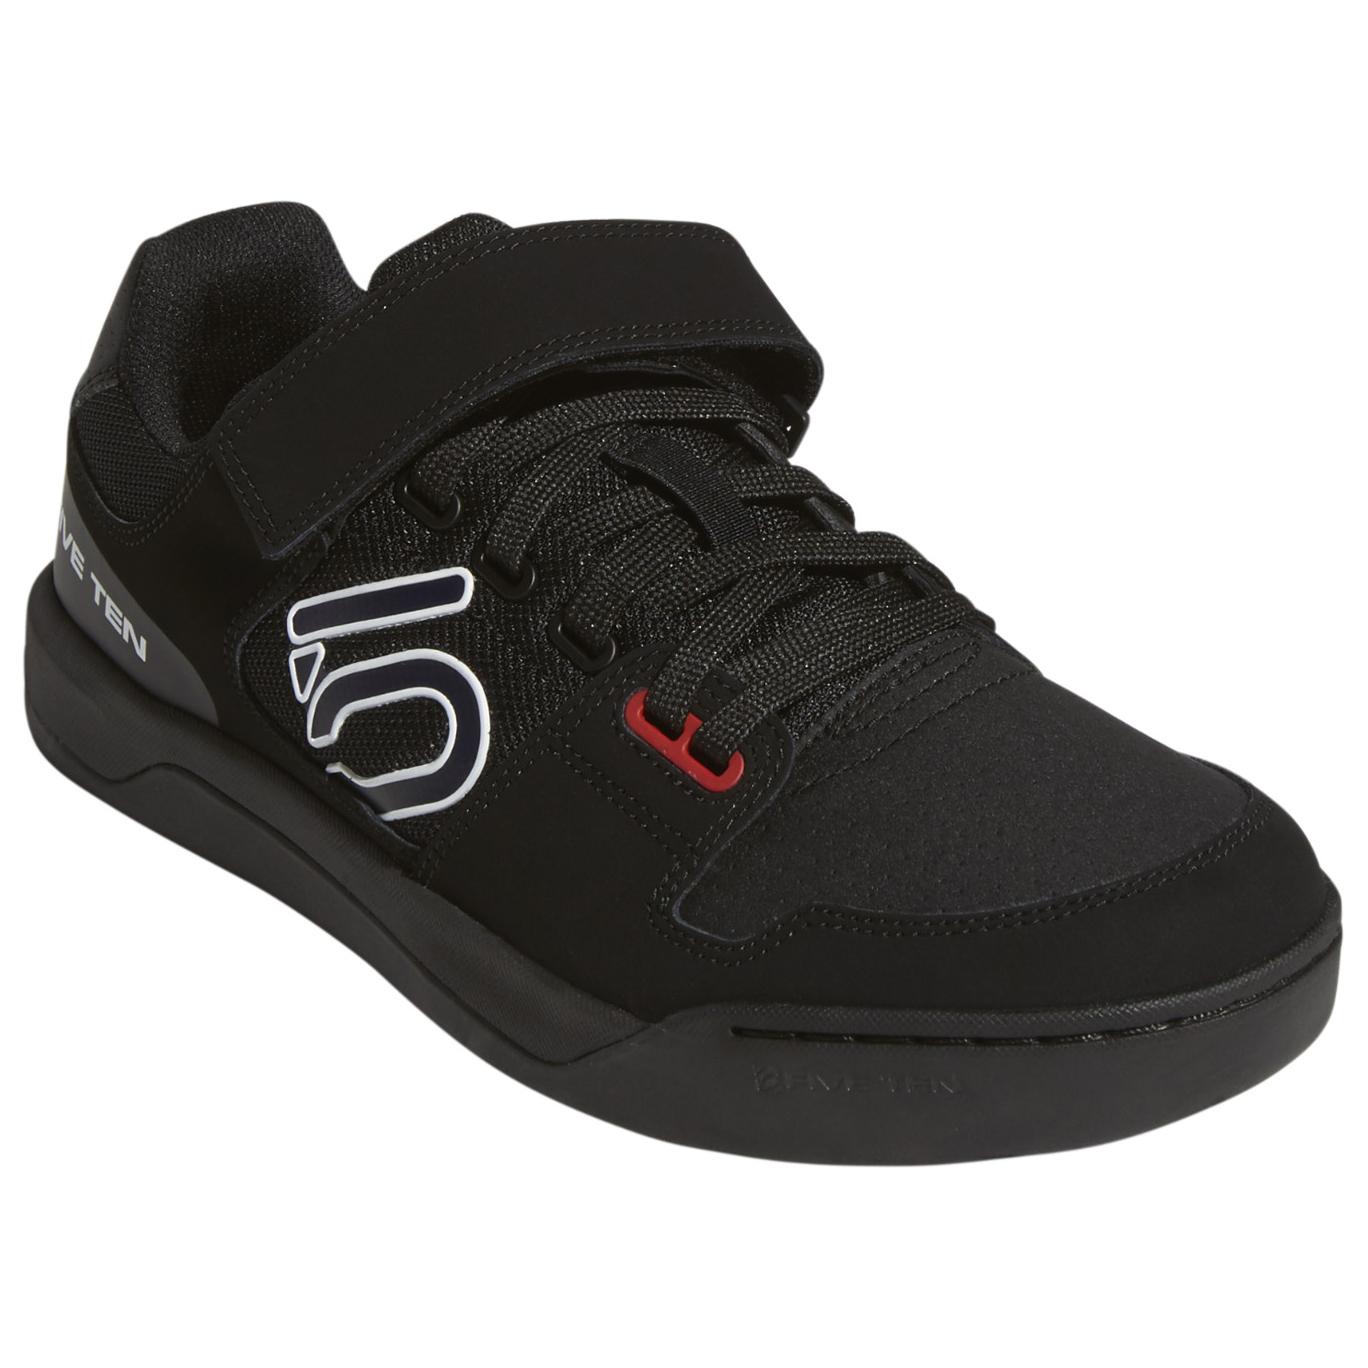 mejor mayorista el más nuevo gama exclusiva Five Ten - Hellcat - Zapatillas de ciclismo - Core Black / Ftw White / Red  | 6 (UK)